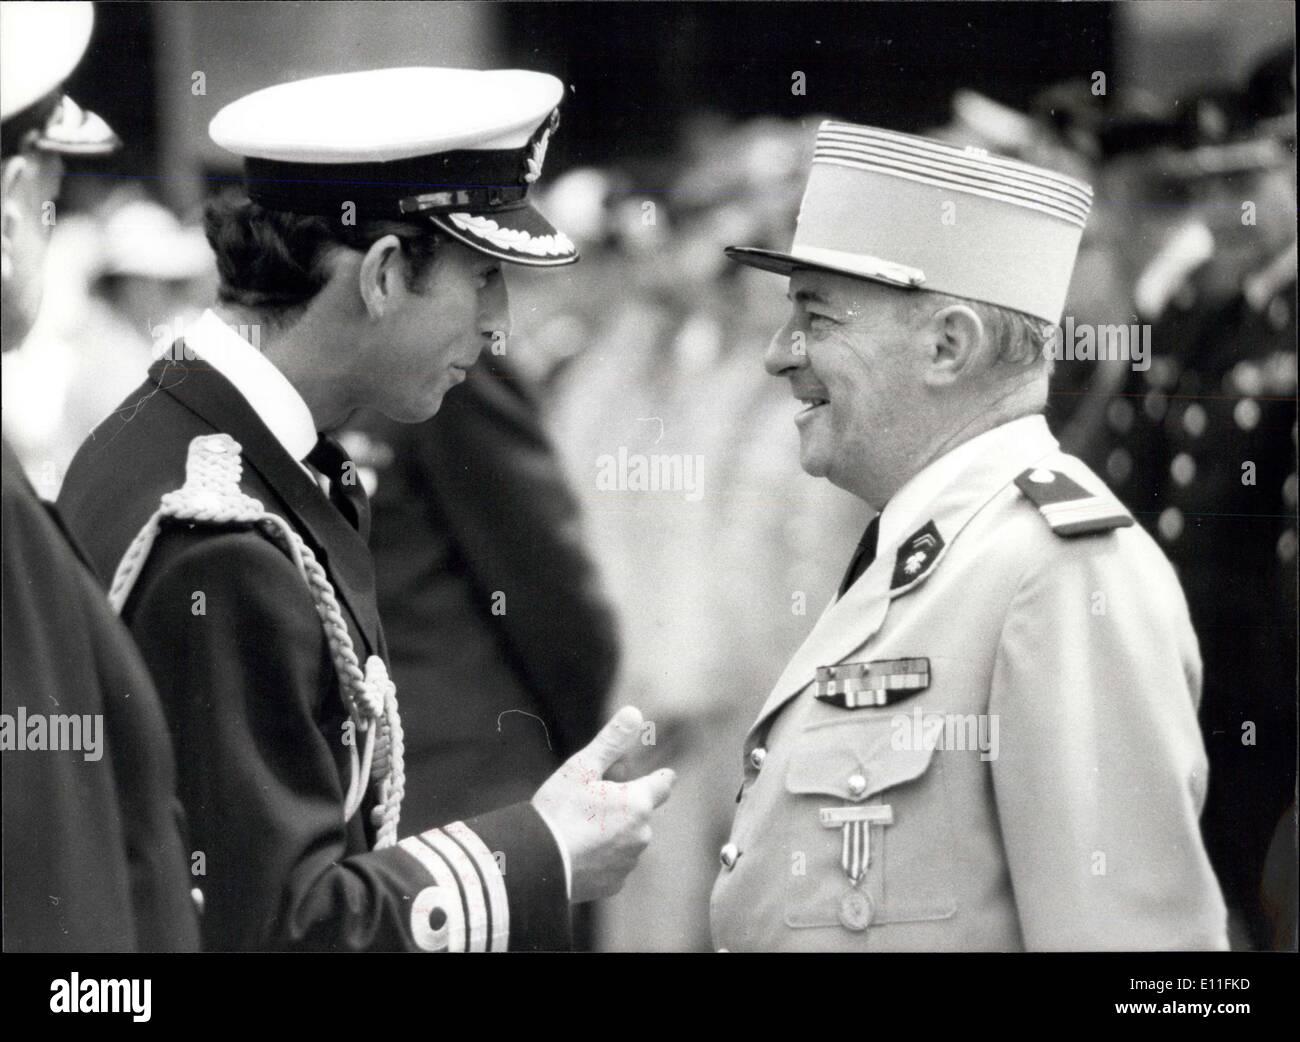 Jul 18, 1977 - 18 julio 1977 El príncipe Carlos abre congreso de oficiales de reserva. Hoy en día el príncipe Carlos inauguró el 30º Congreso de la Confederación Inter-Allied de oficiales de reserva al duque de York en la sede de Londres. La confederación fue formada en 1948, durante la guerra fría, por oficiales de reserva, asociaciones en un número de países europeos que en el año siguiente iban a ser signatarios de la OTAN Imagen De Stock